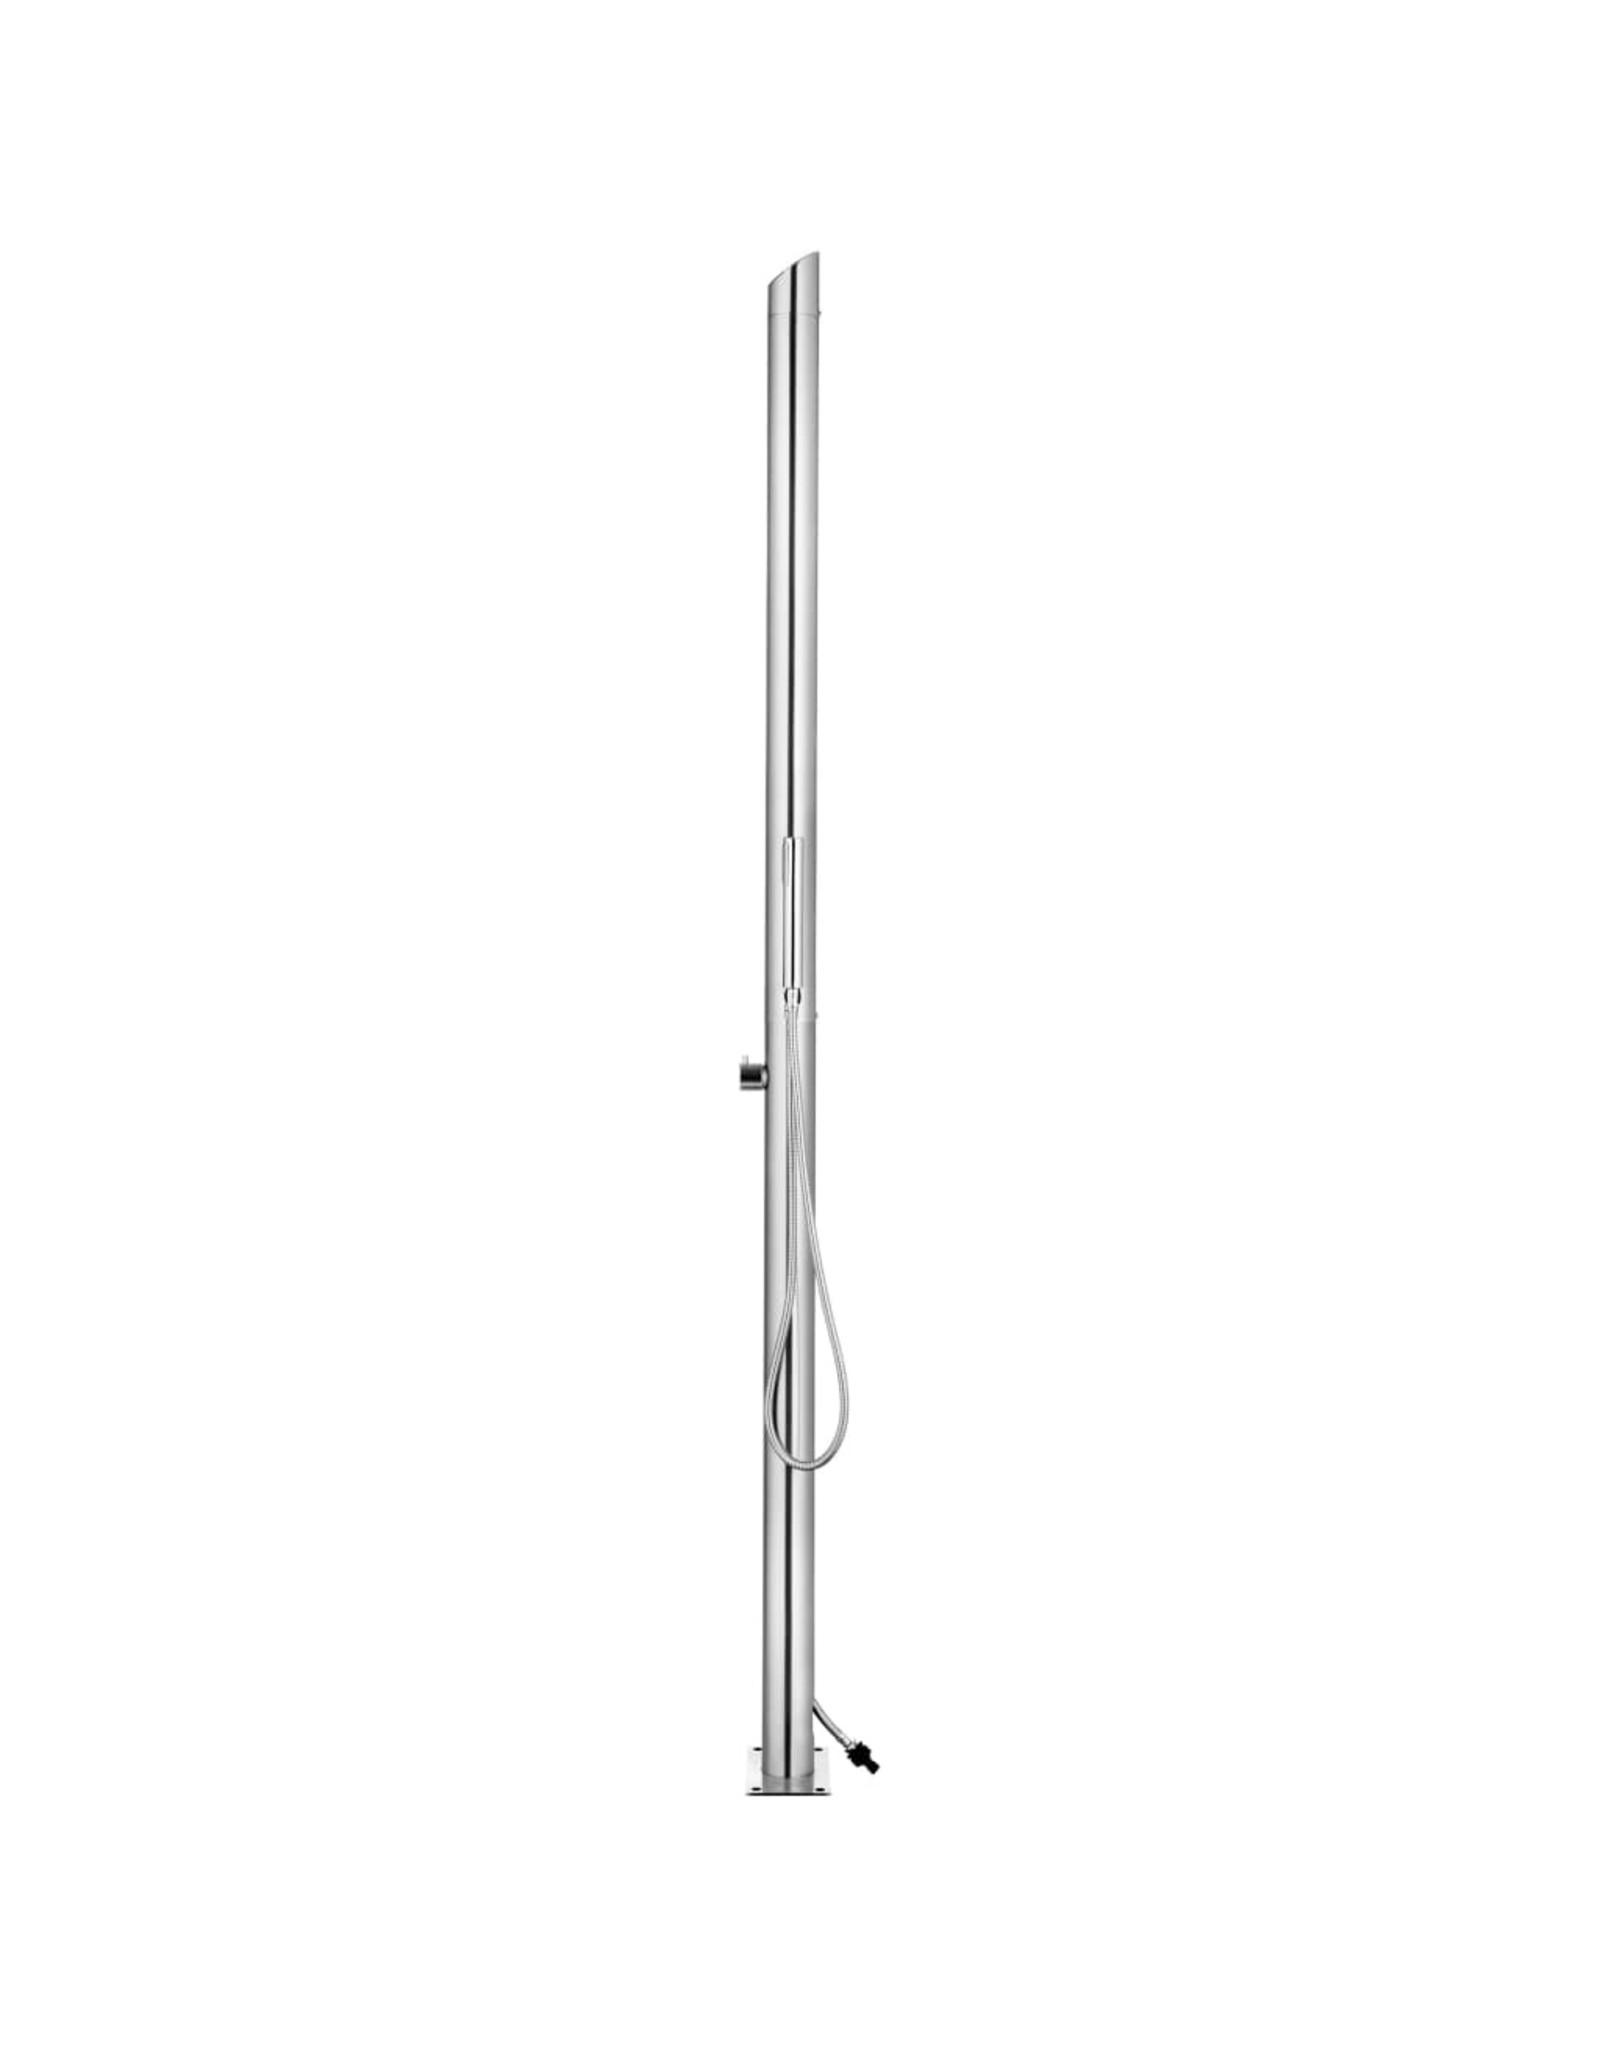 Buitendouche met grijze basis 225 cm roestvrij staal